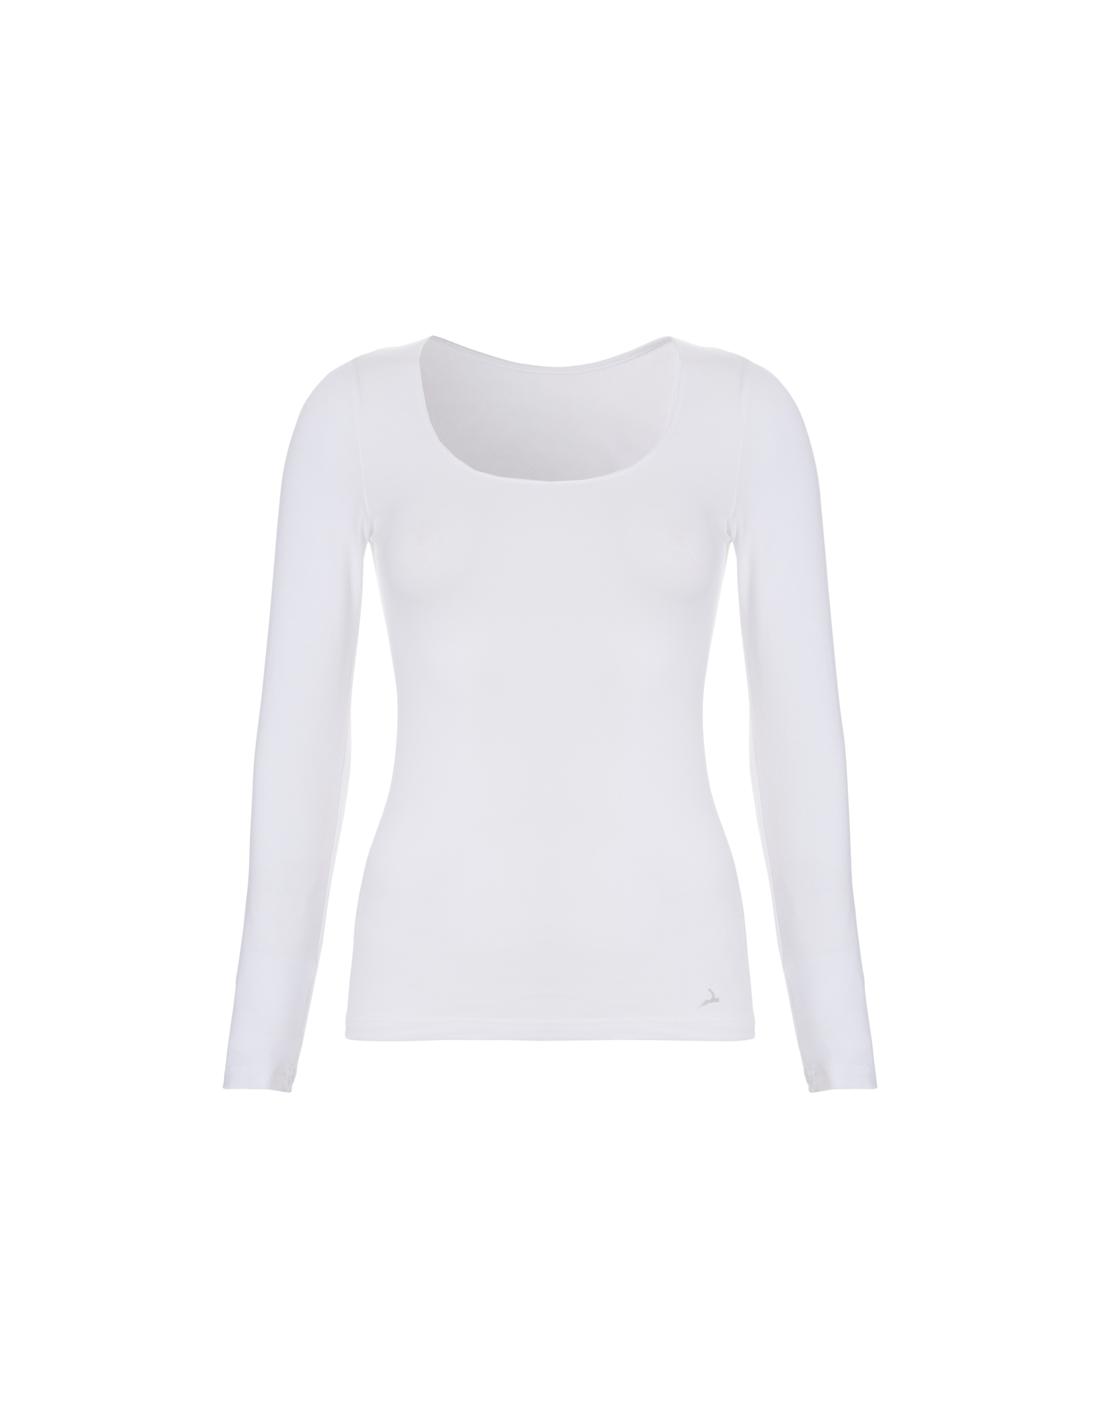 7830fdf8a33 Ten Cate Dames Shirt Longsleeve Wit